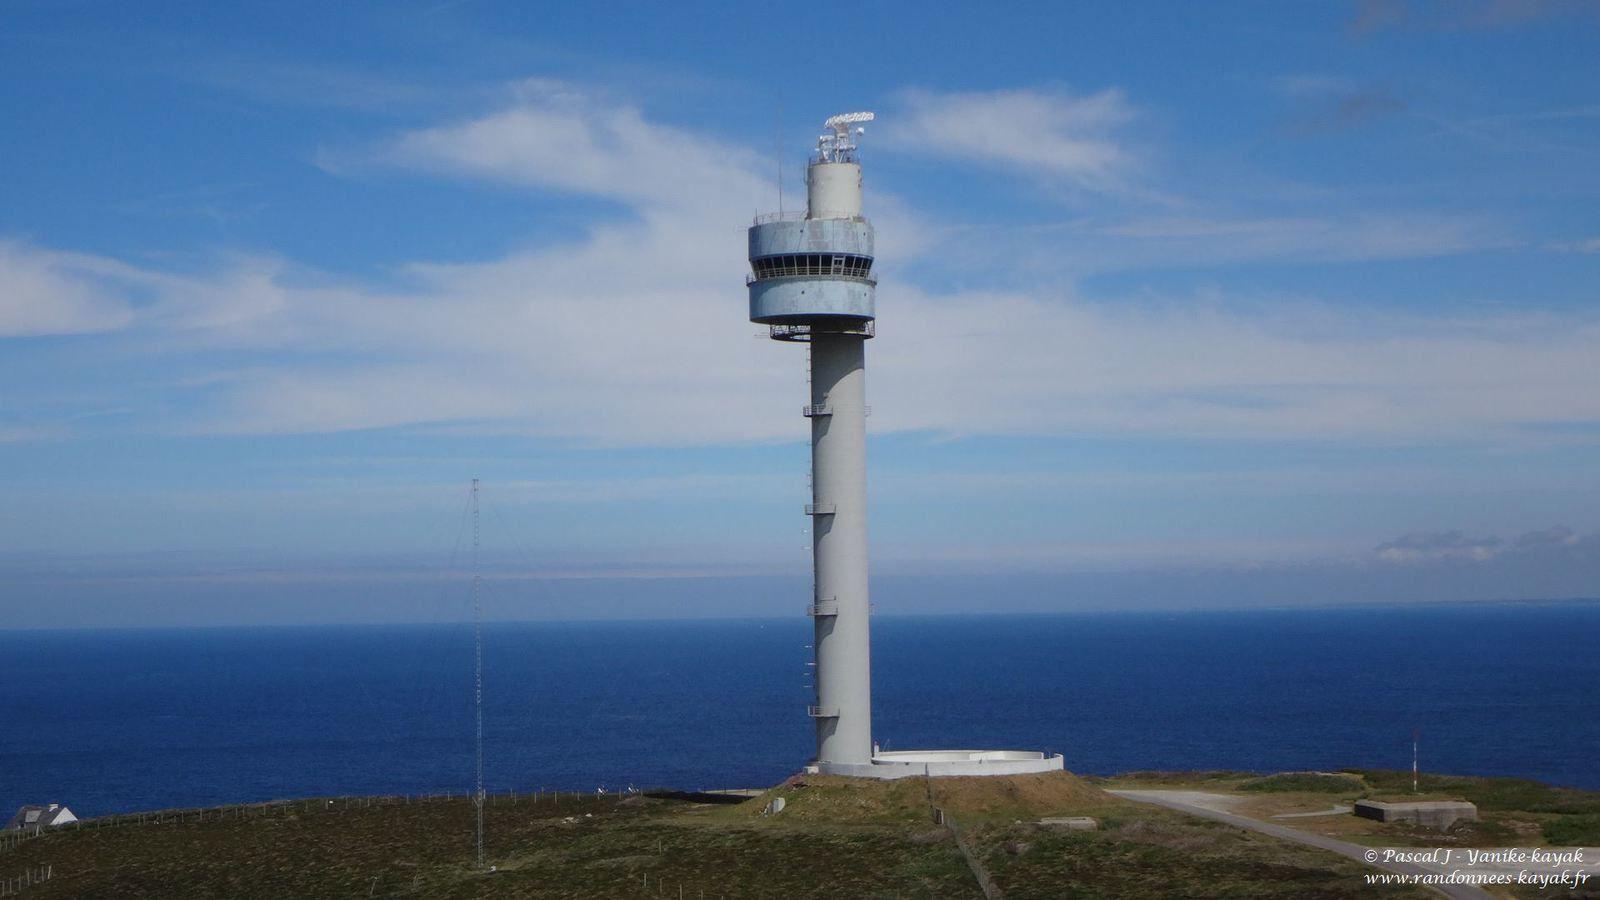 La tour radar